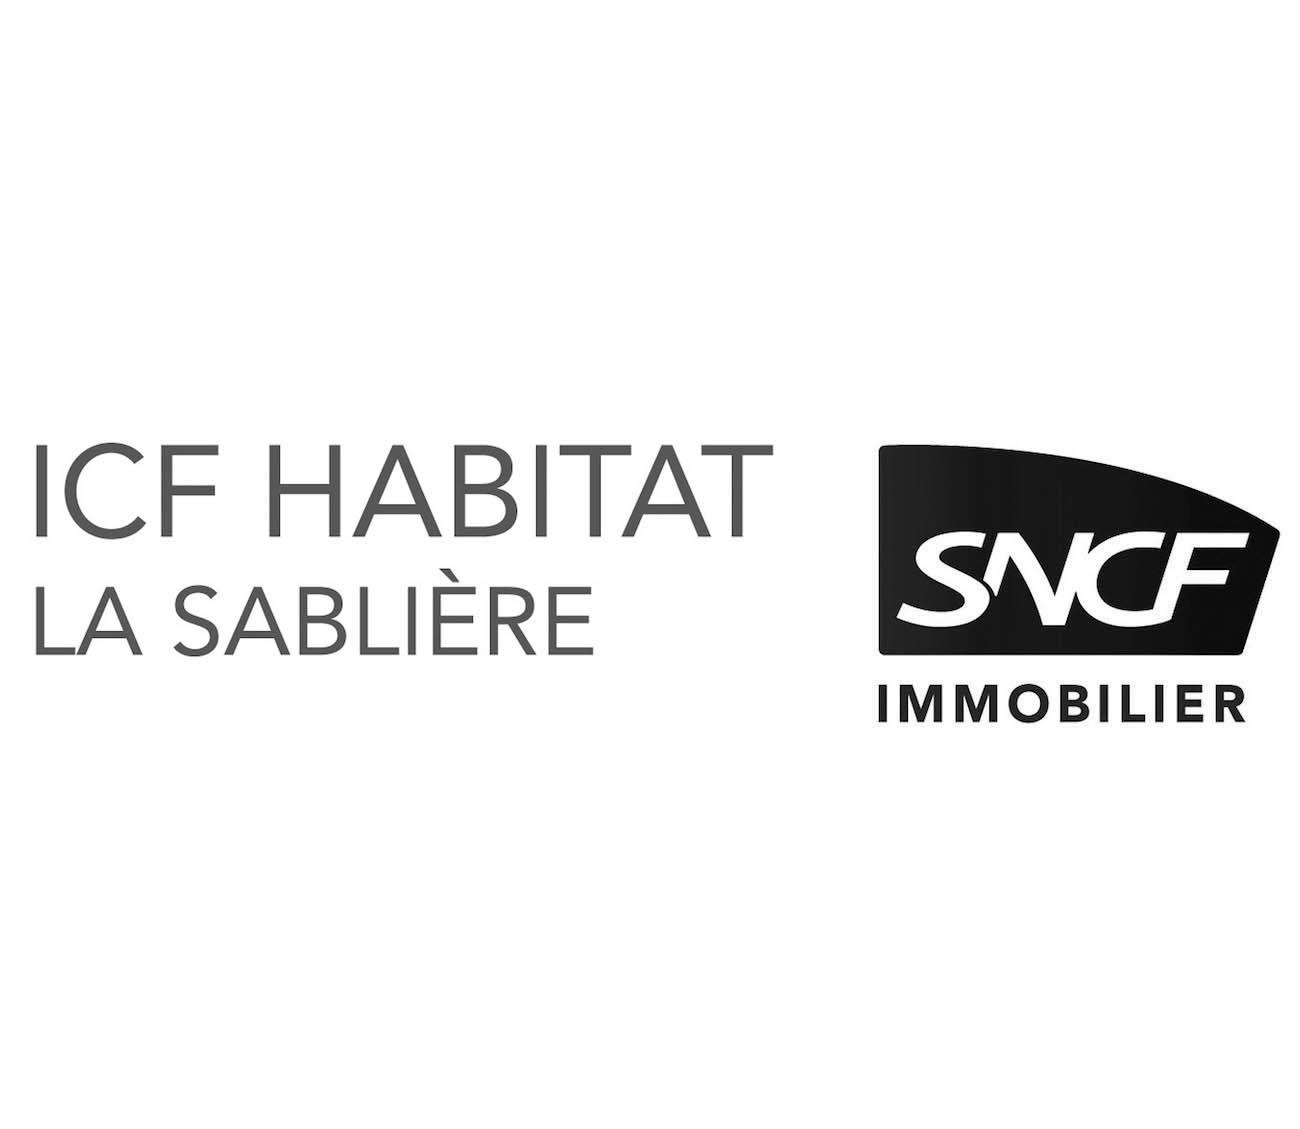 LOGOS_SNCF__immo_la_sabliere